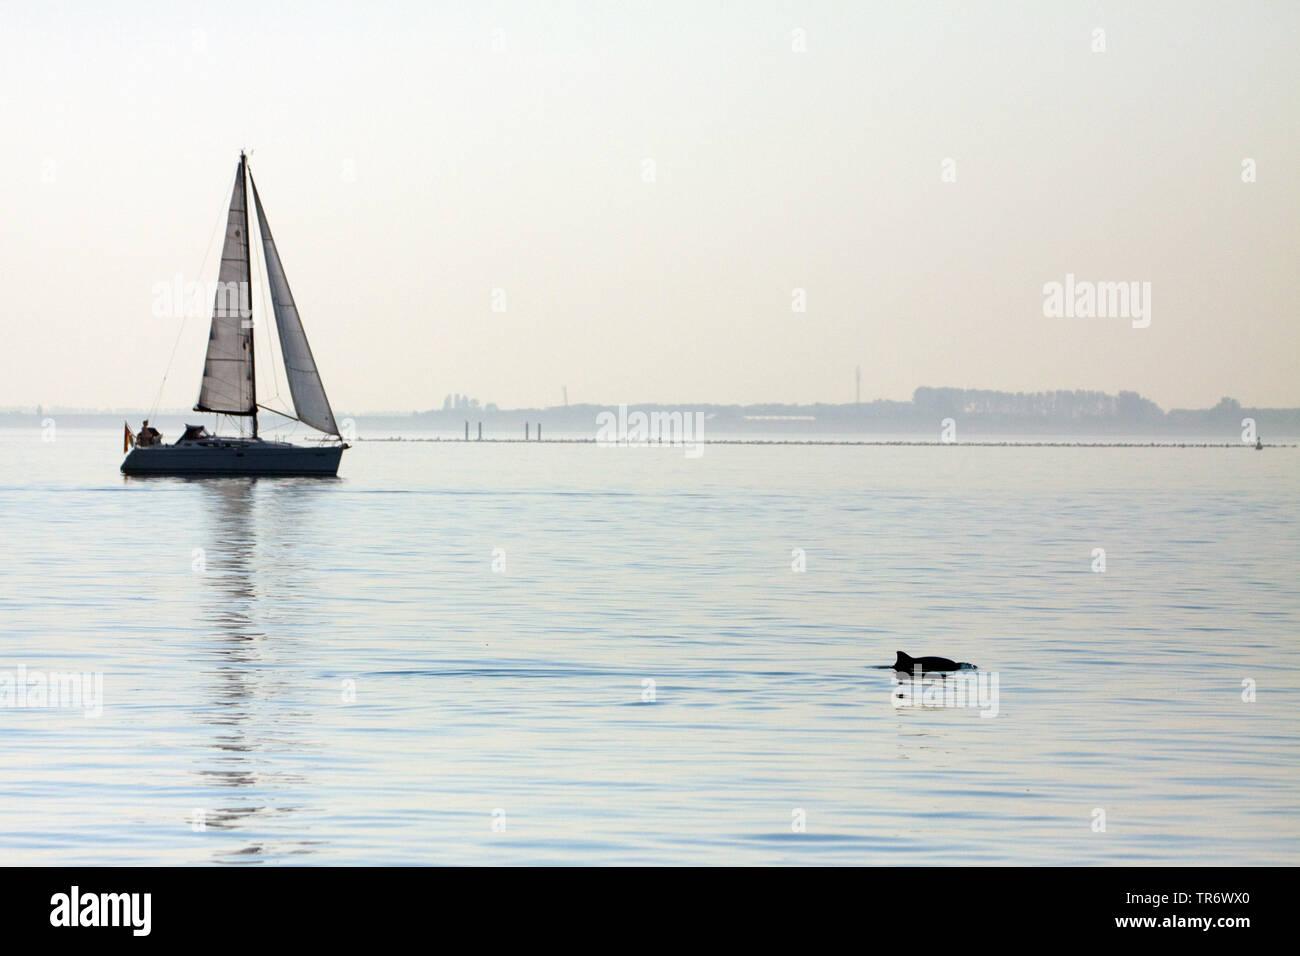 Gewoehnlicher Schweinswal, Braunfisch, Kleiner Tuemmler, Kleintuemmler (Phocoena phocoena), vor einem Segelboot, Niederlande, Oosterschelde Nationalpa - Stock Image